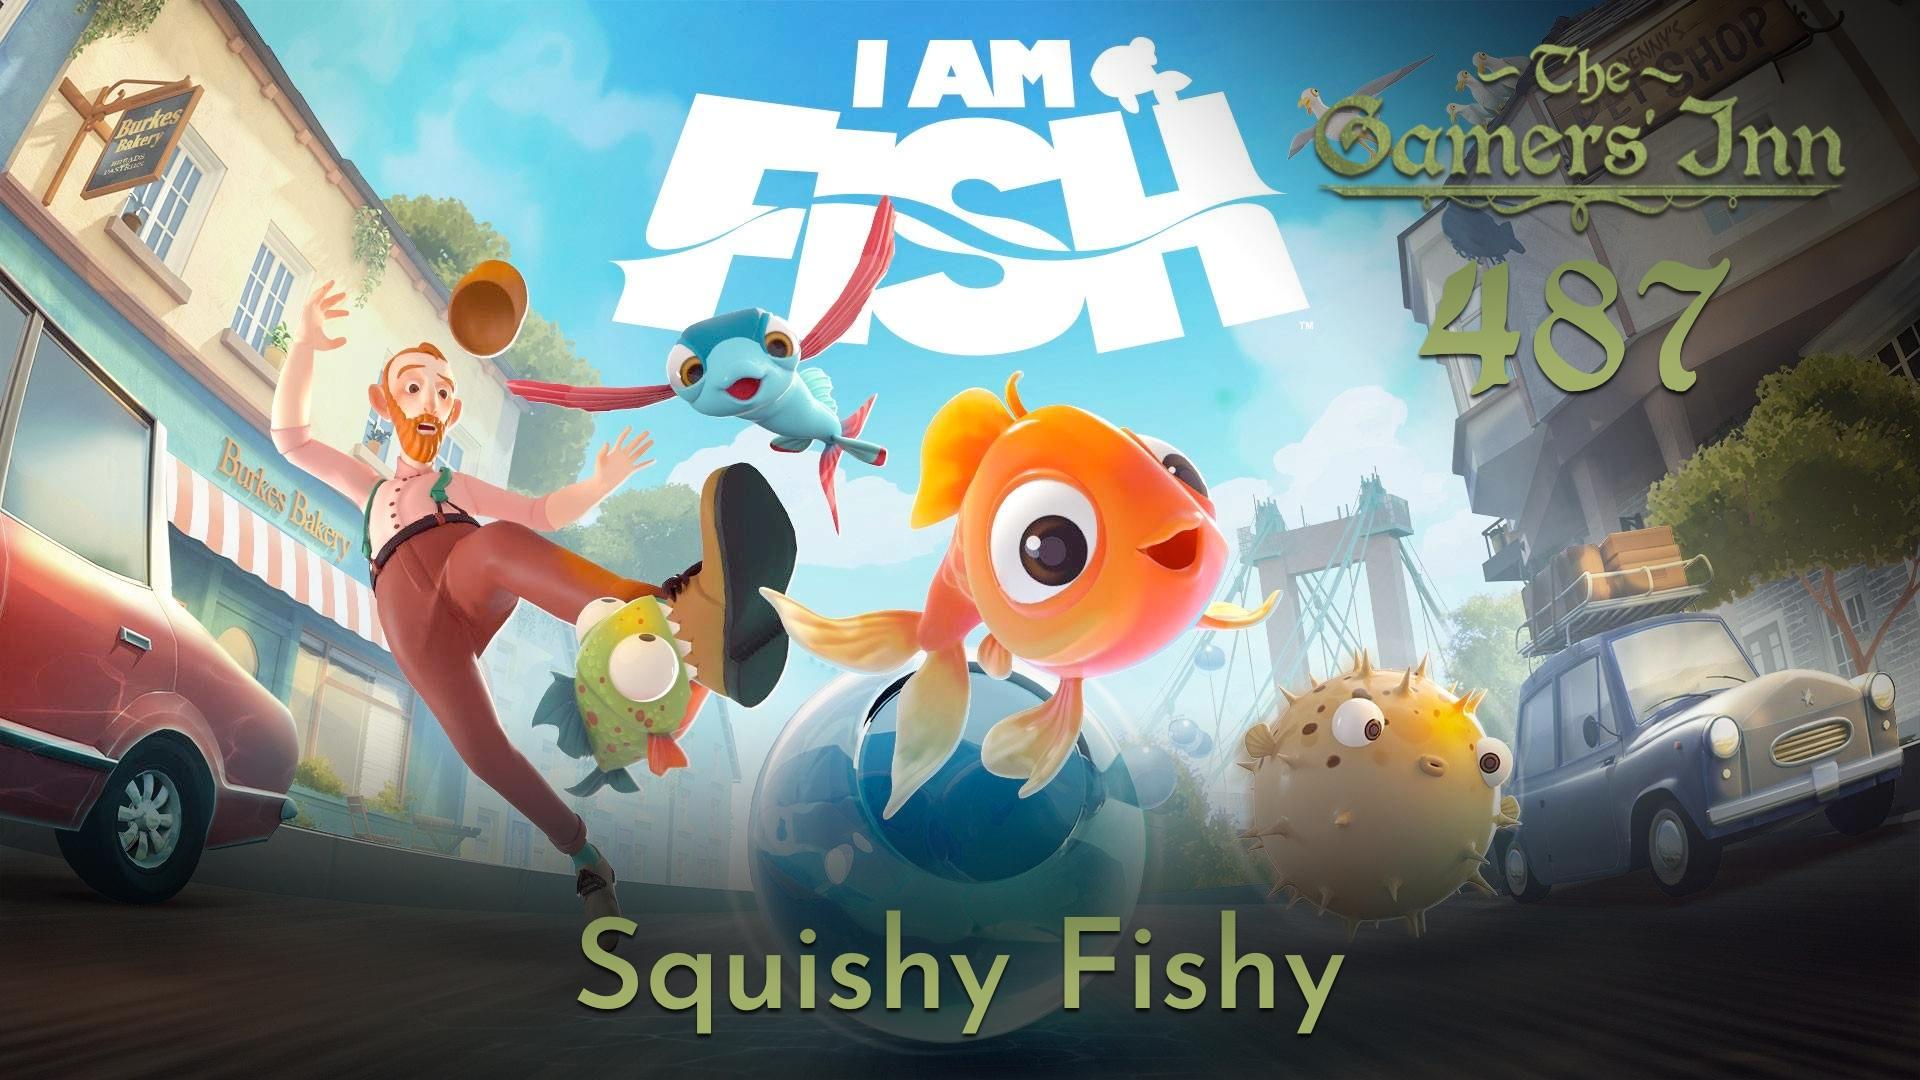 TGI 487 – Squishy Fishy